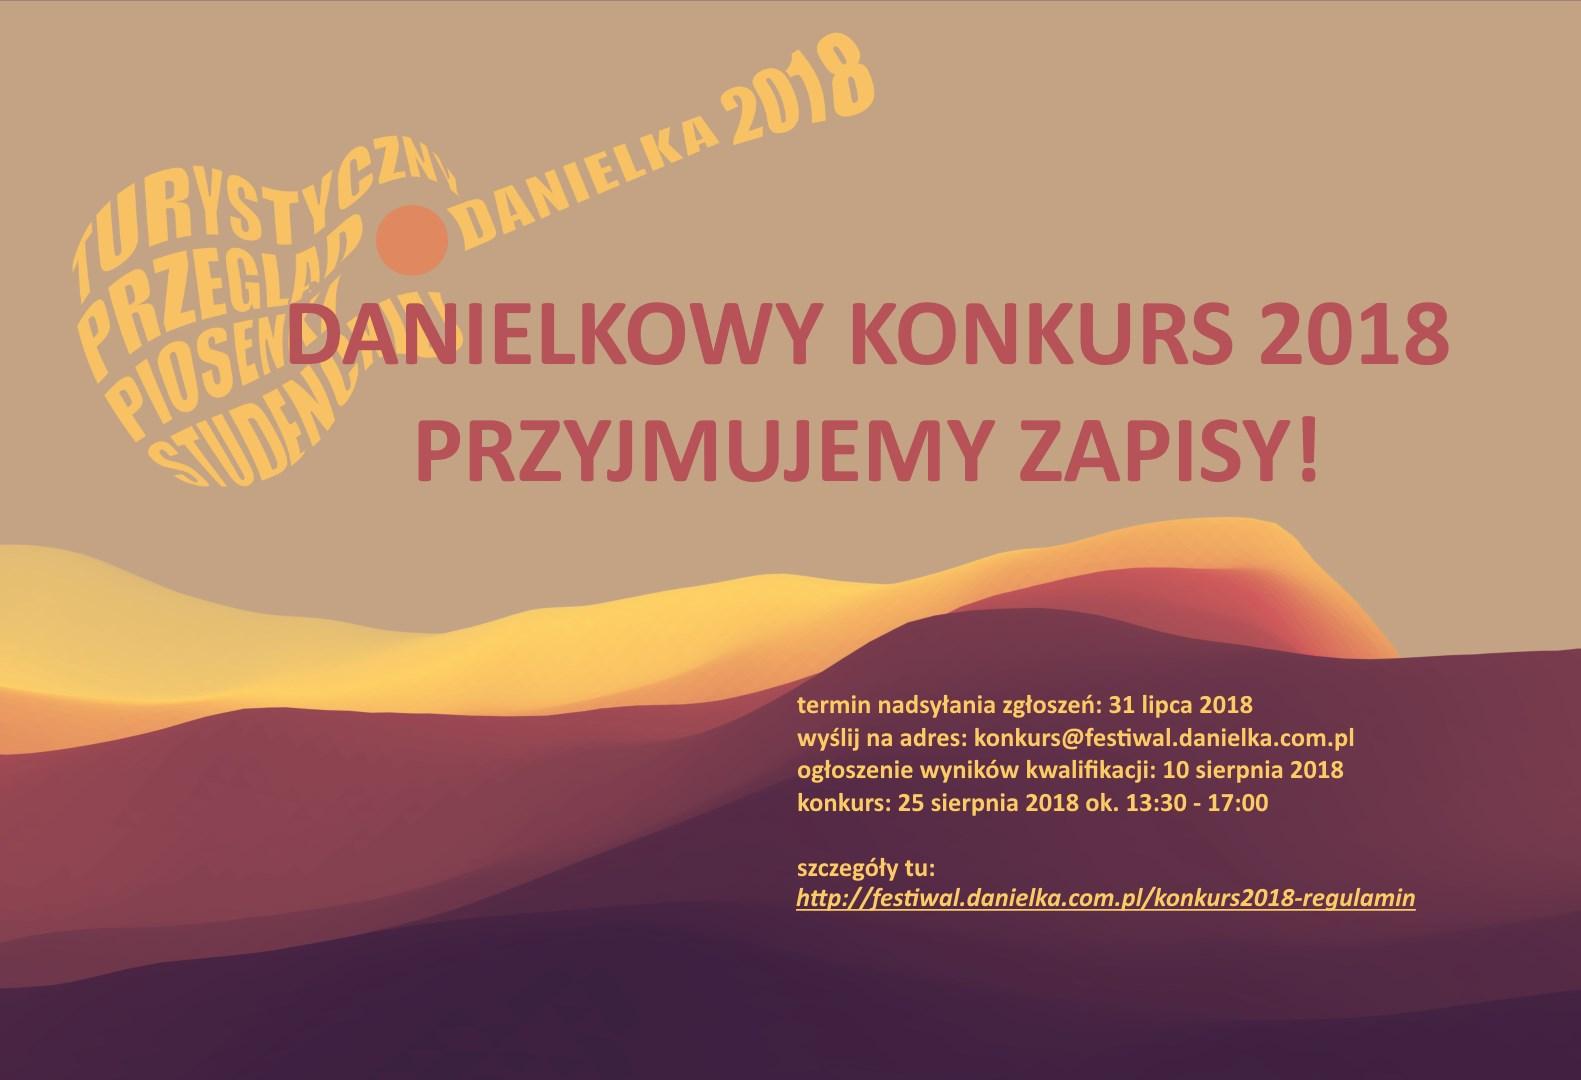 Przyjmujemy zgłoszenia do Danielkowego Konkursu 2018